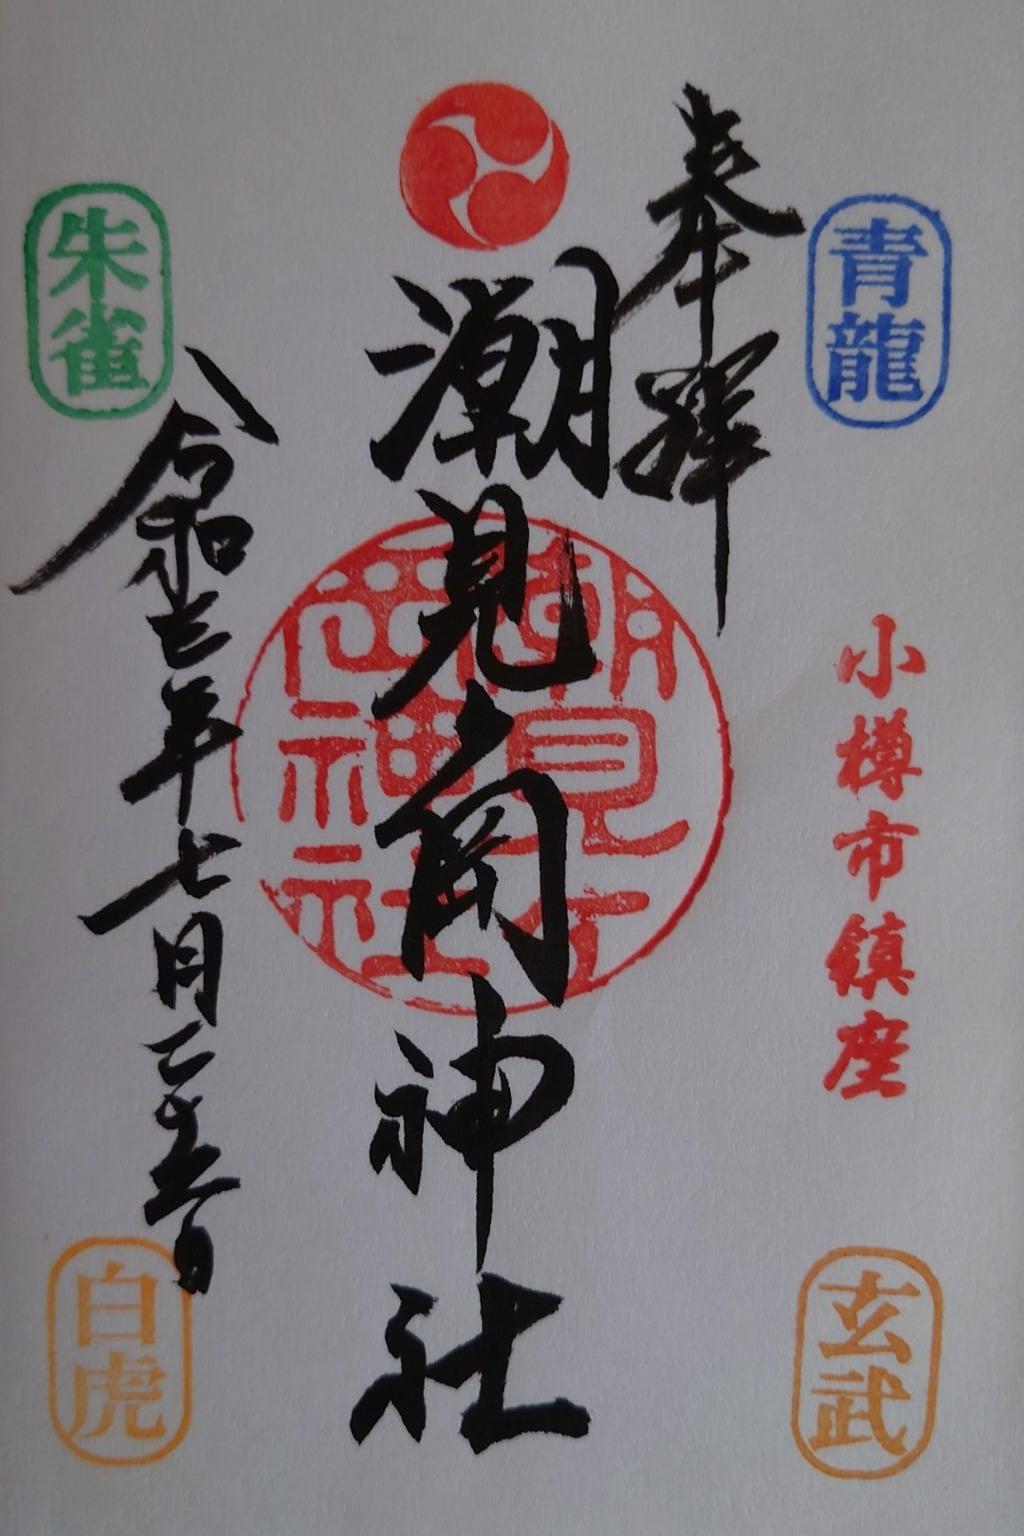 潮見ヶ岡神社の御朱印